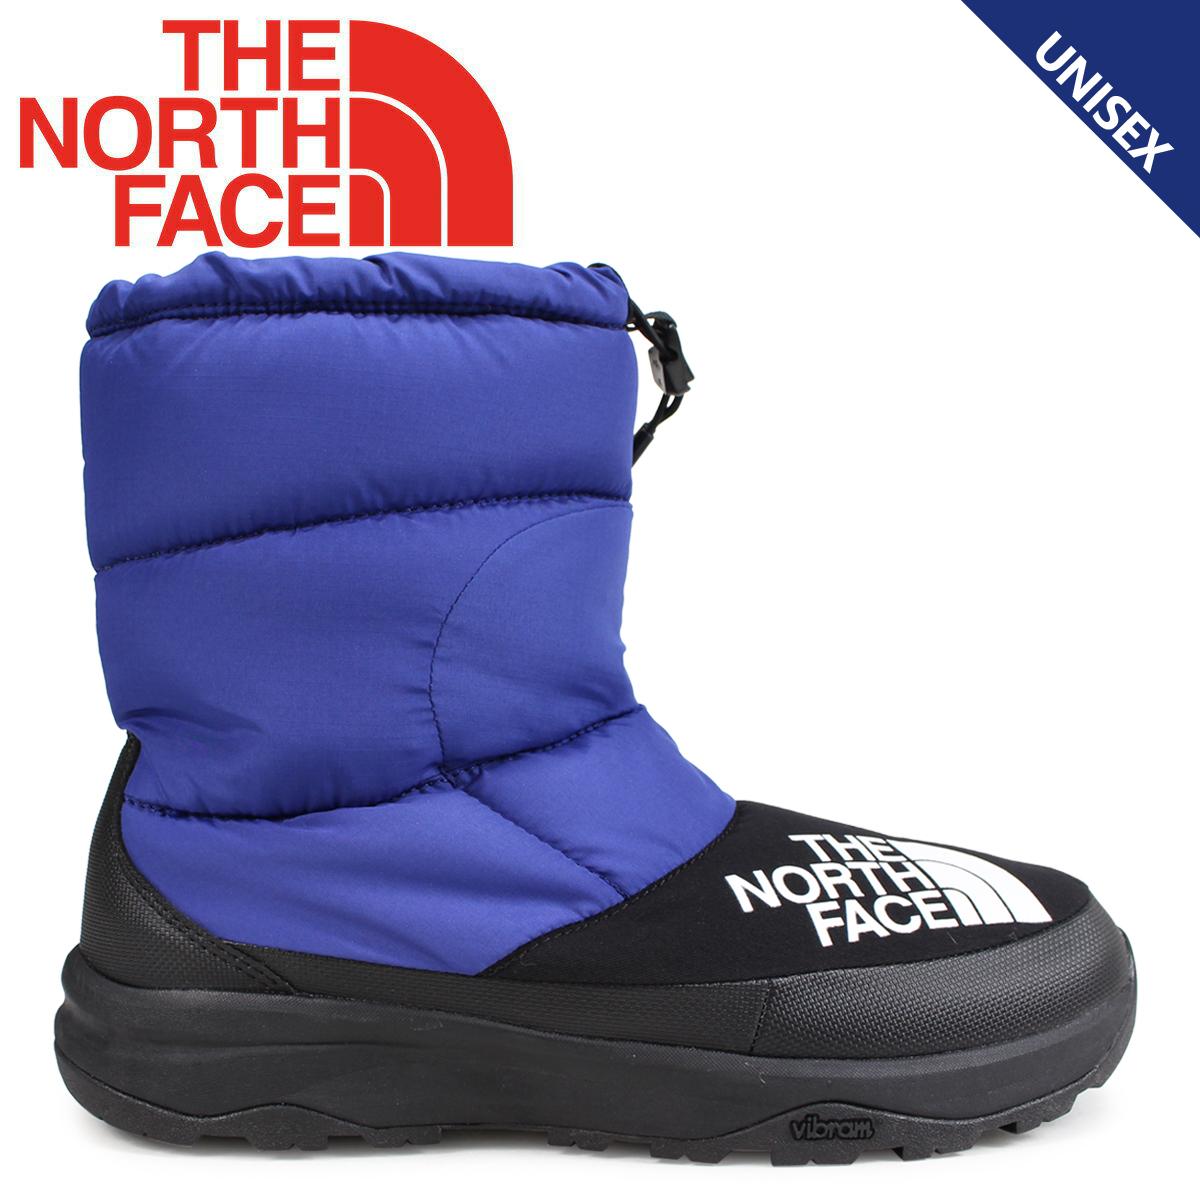 THE NORTH FACE ノースフェイス ヌプシダウンブーティ ブーツ メンズ レディース NUPTSE DOWN BOOTIE ブルー NF51877